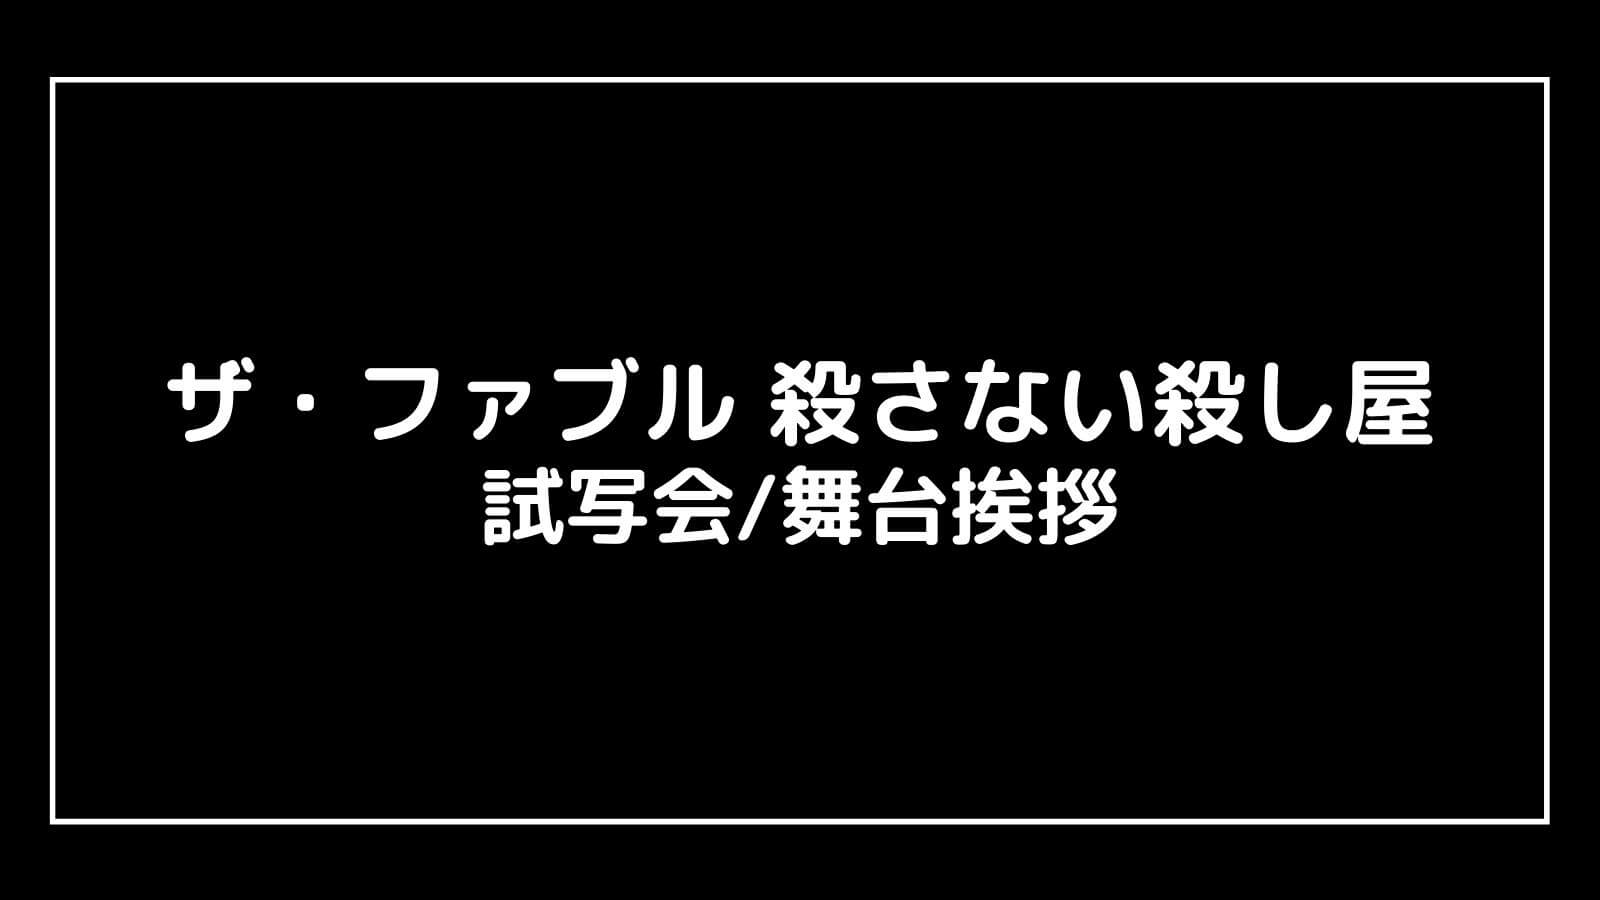 映画『ザ・ファブル2 殺さない殺し屋』の試写会と舞台挨拶ライブビューイング情報